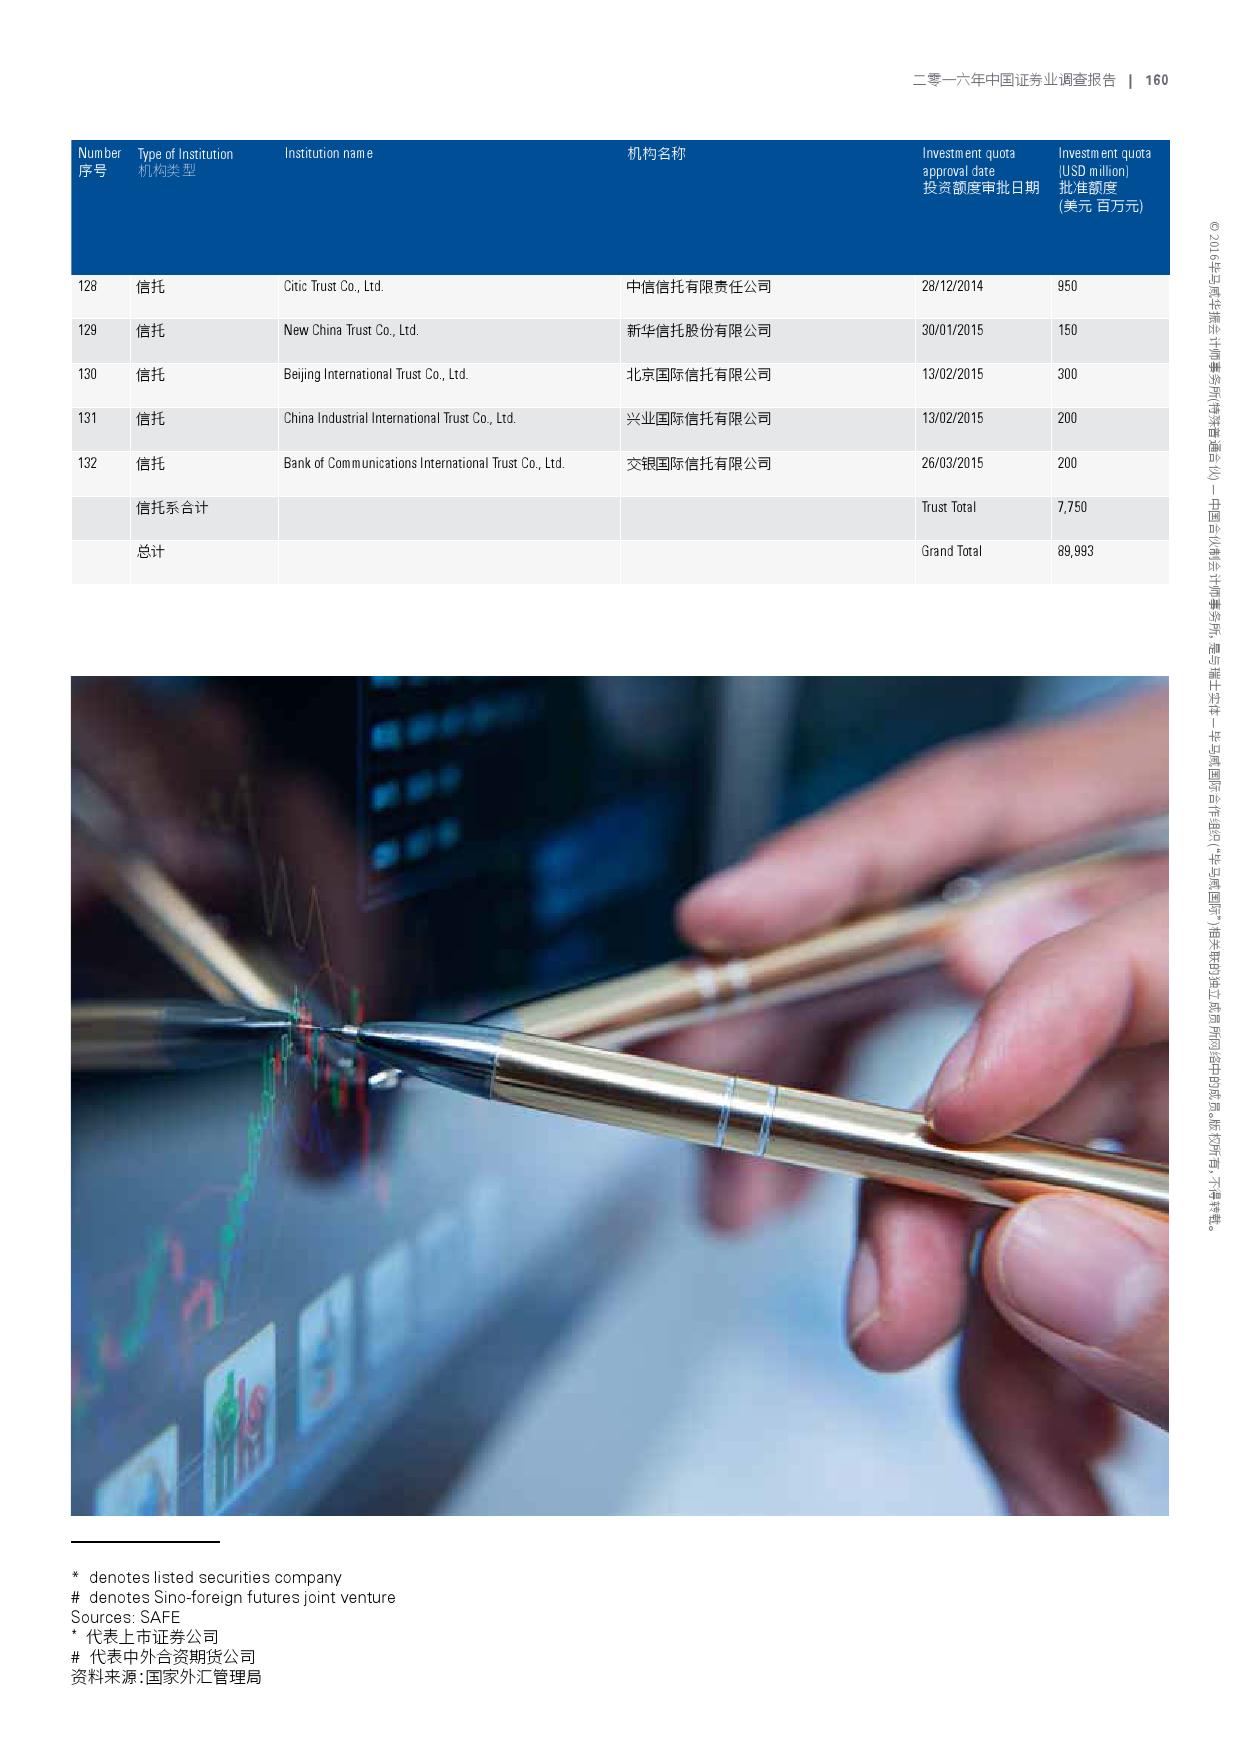 2016年中国证券业调查报告_000163